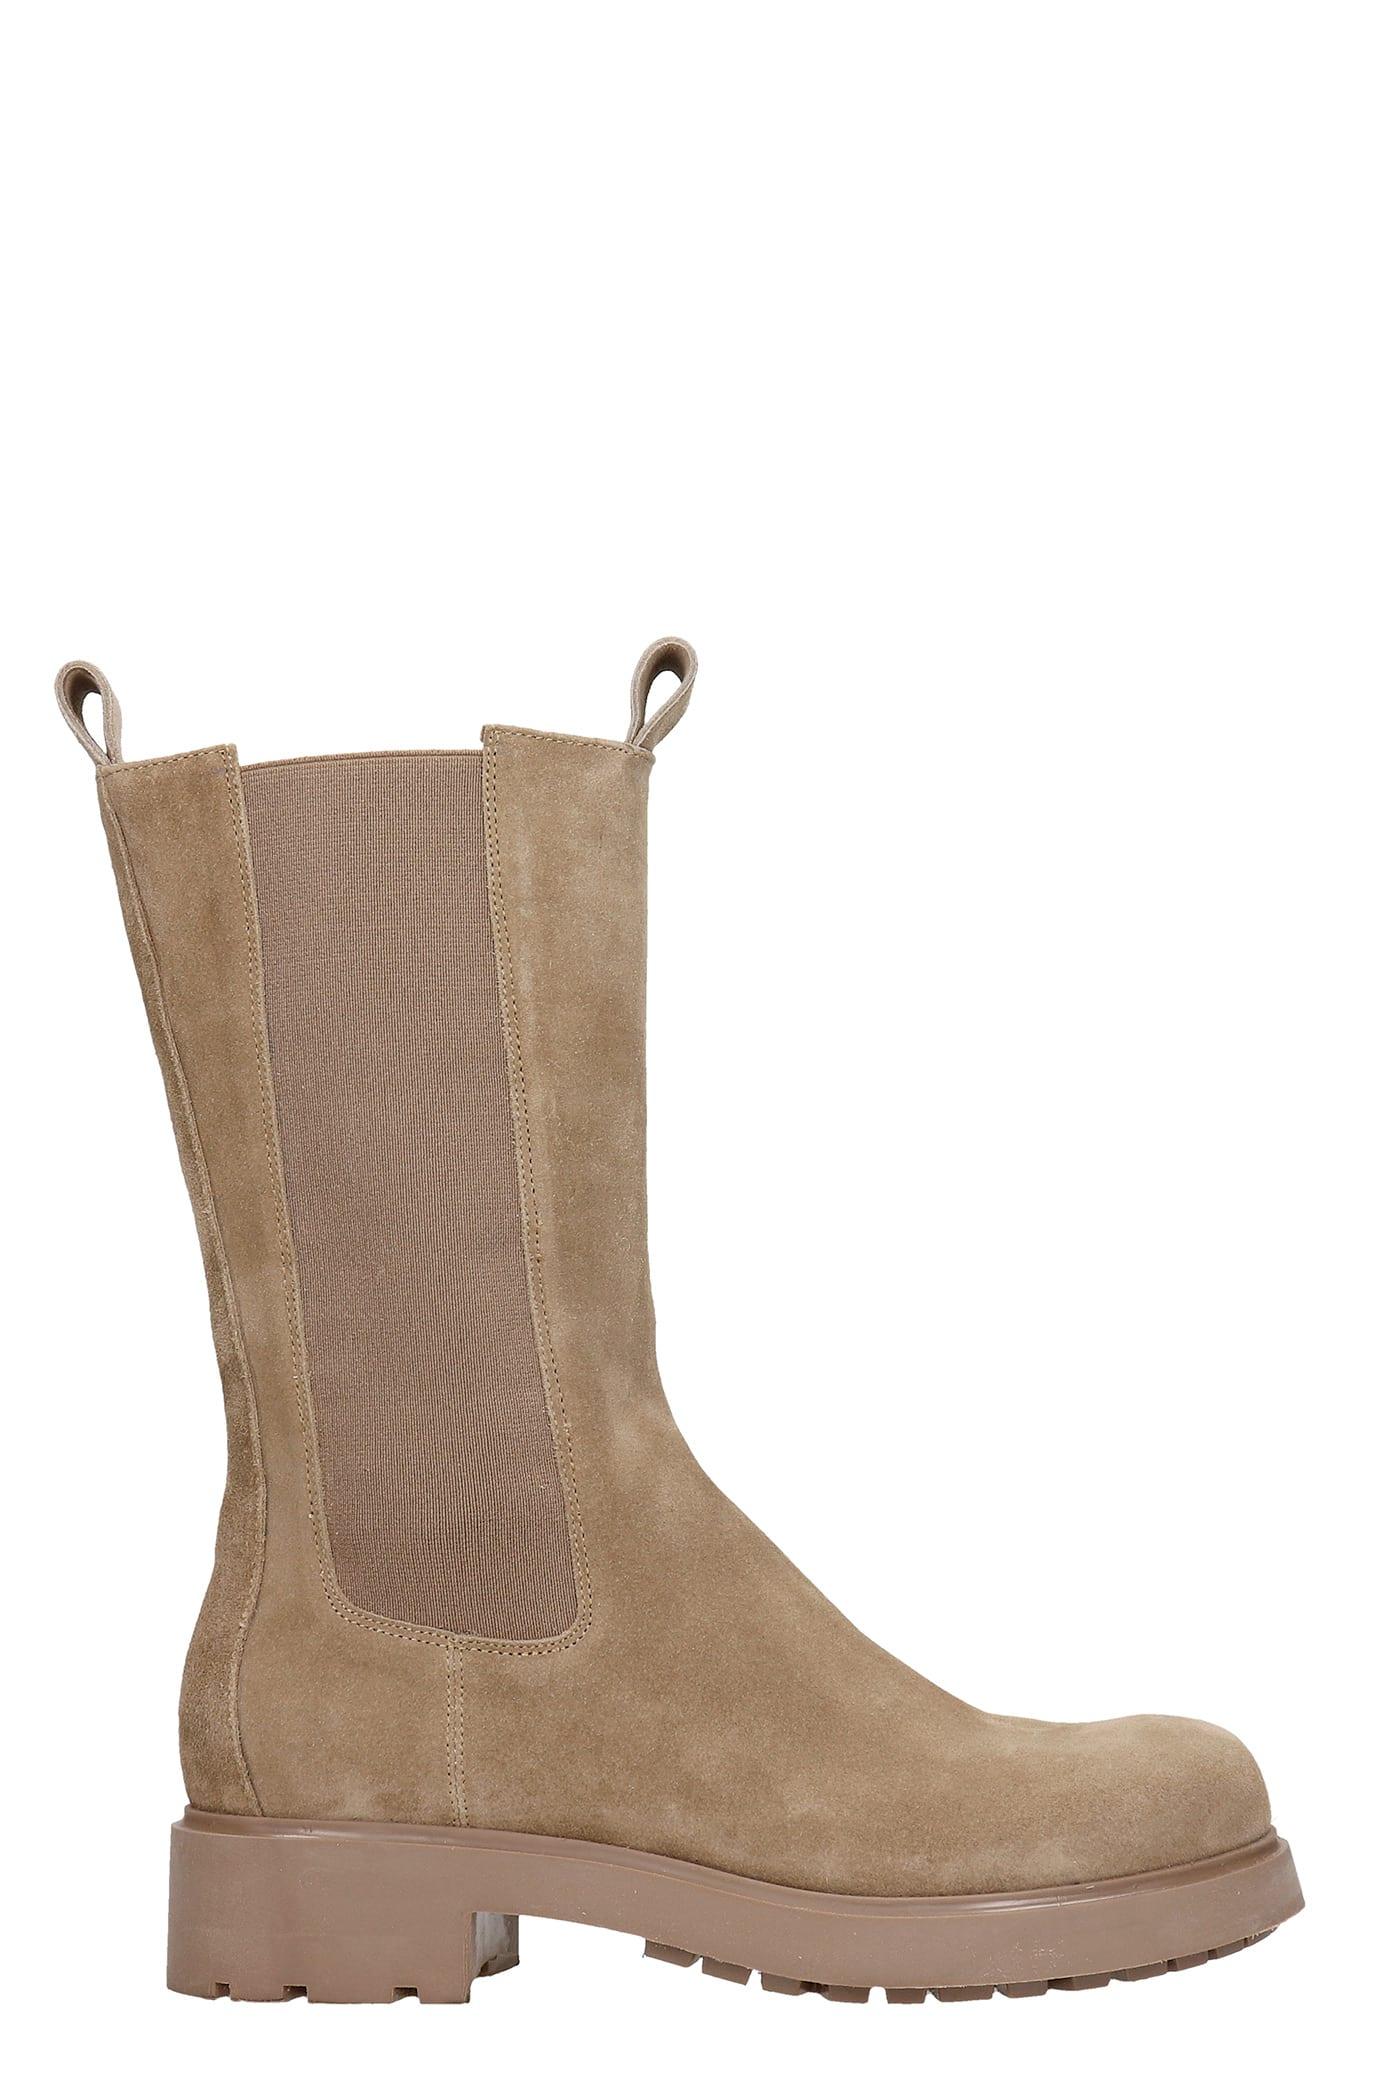 Combat Boots In Beige Suede